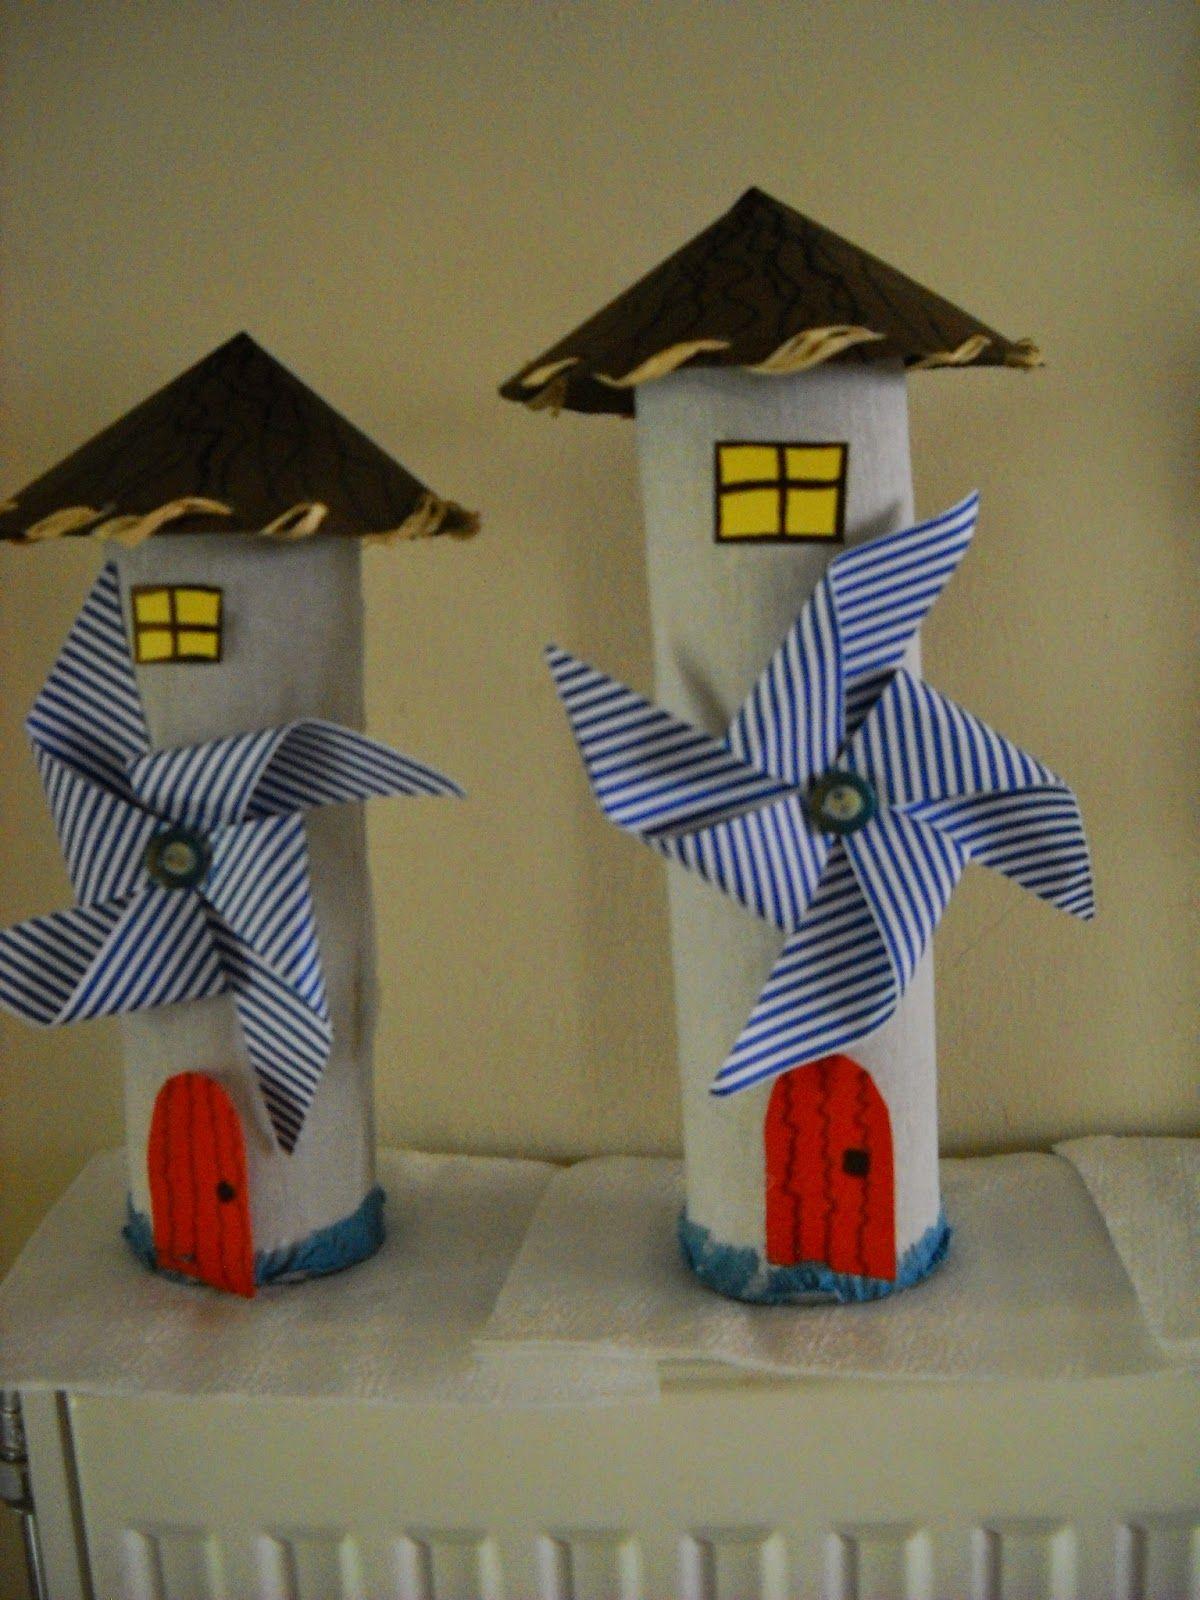 activit a faire avec les enfants diy vacances moulin rouleau papier toilette activites. Black Bedroom Furniture Sets. Home Design Ideas